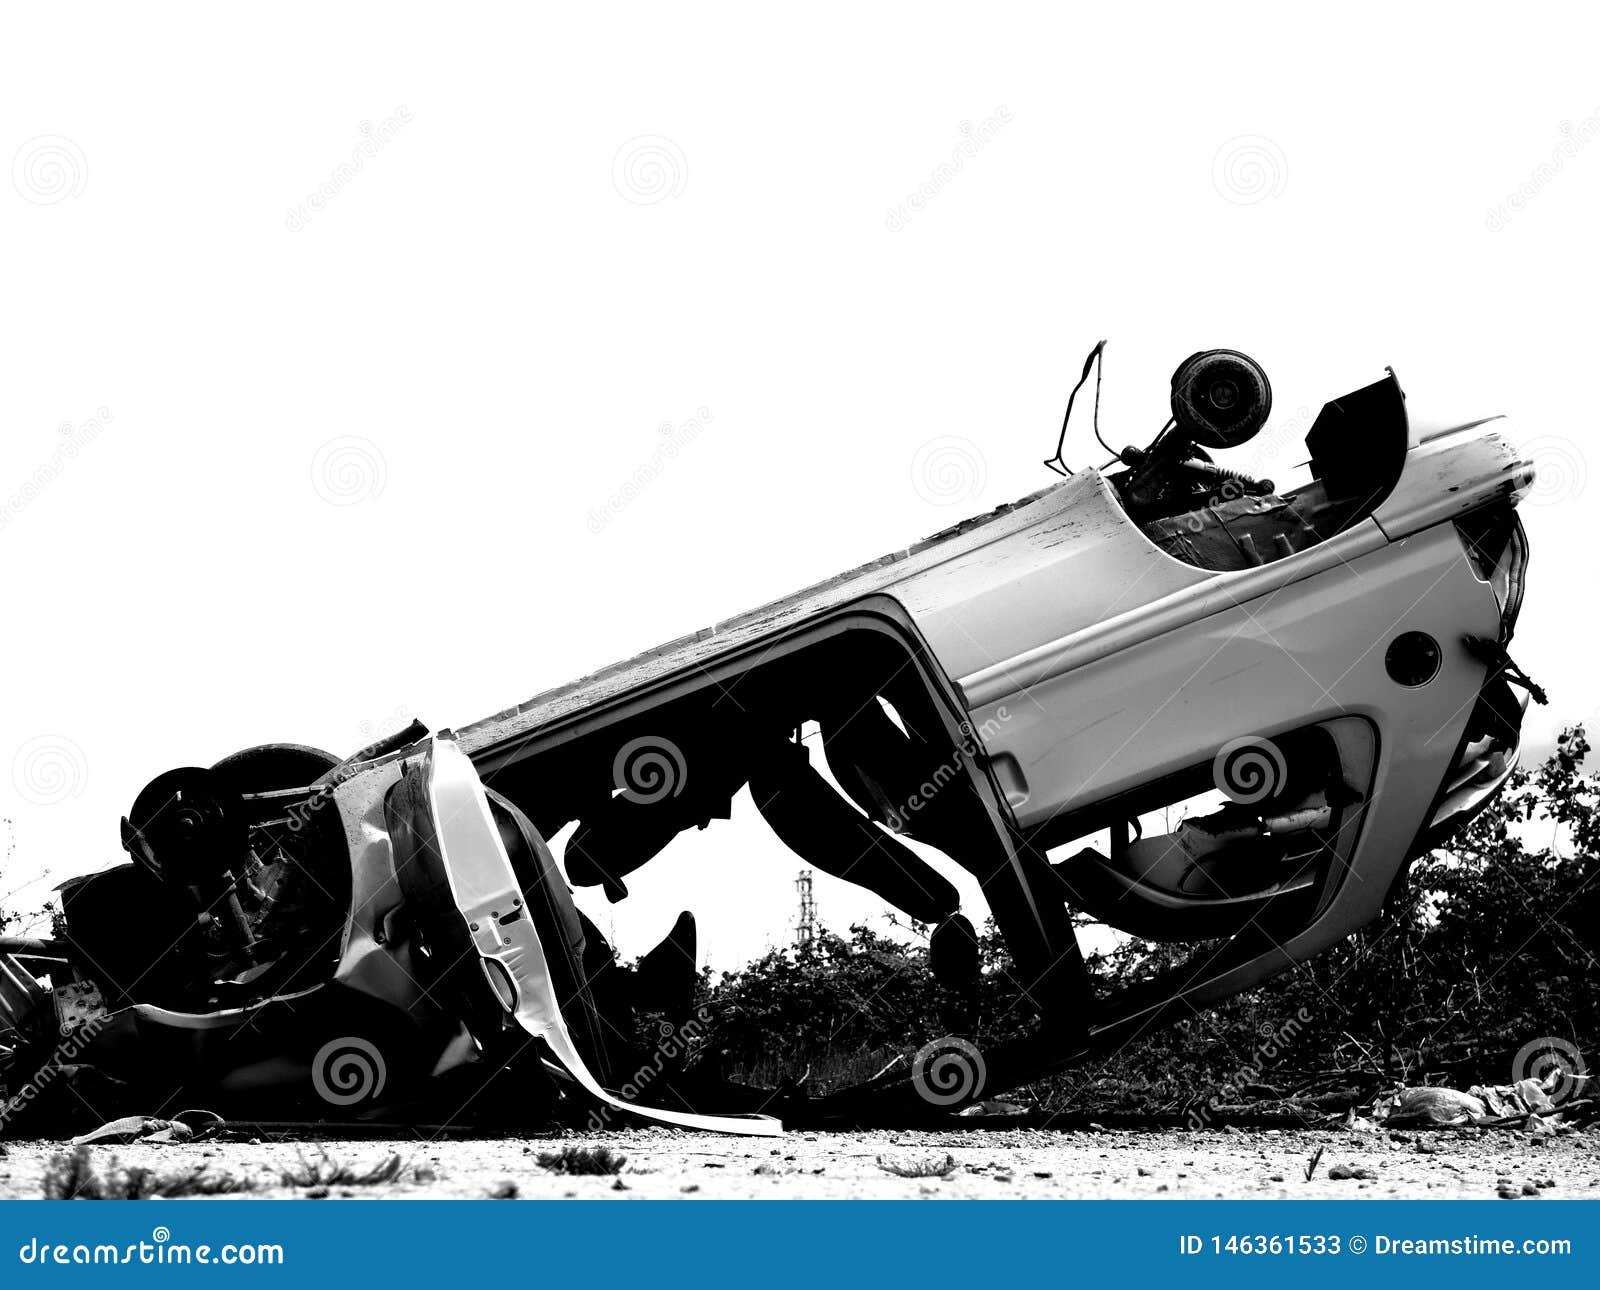 Acidente de trânsito em preto e branco